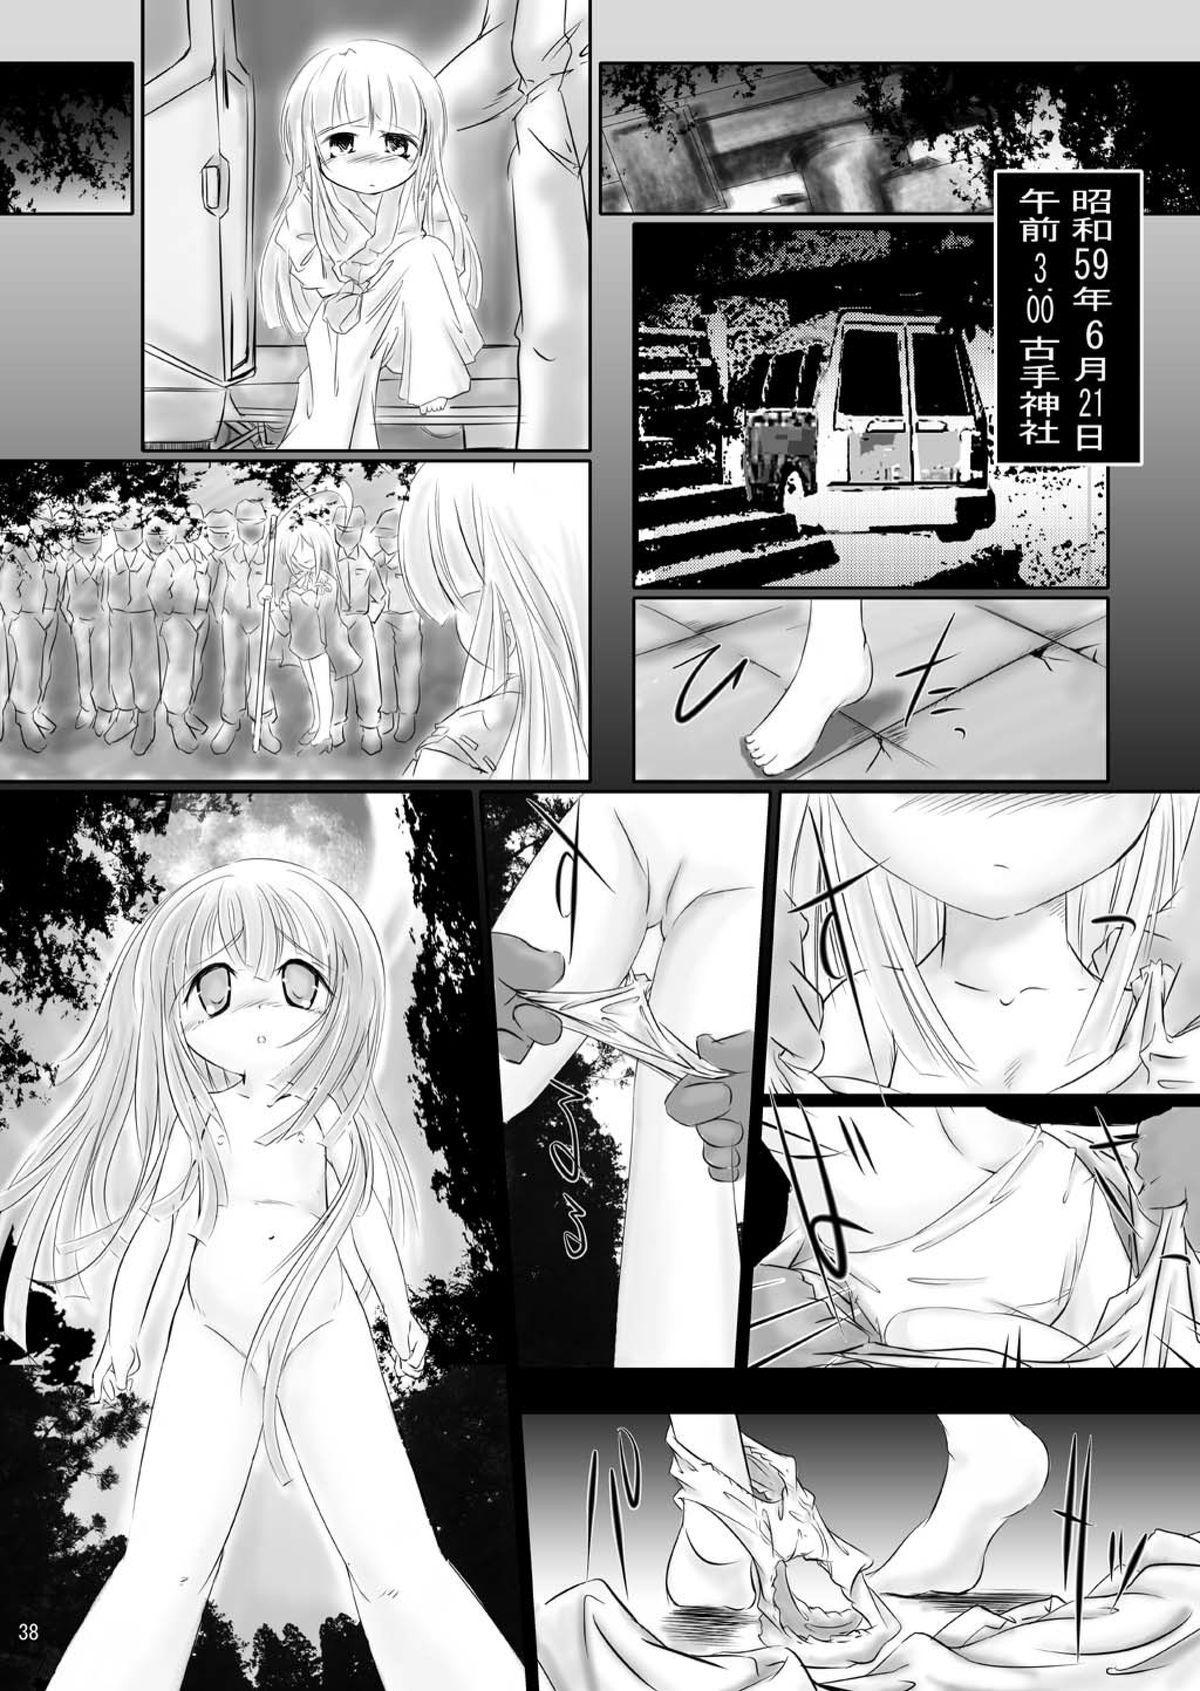 [Yakou Yousei (Mizuki Yuu)] Higurashi no Koe, Ima wa Tae Kai - Onimawashi-hen (Higurashi no naku koro ni) [Digital] 37